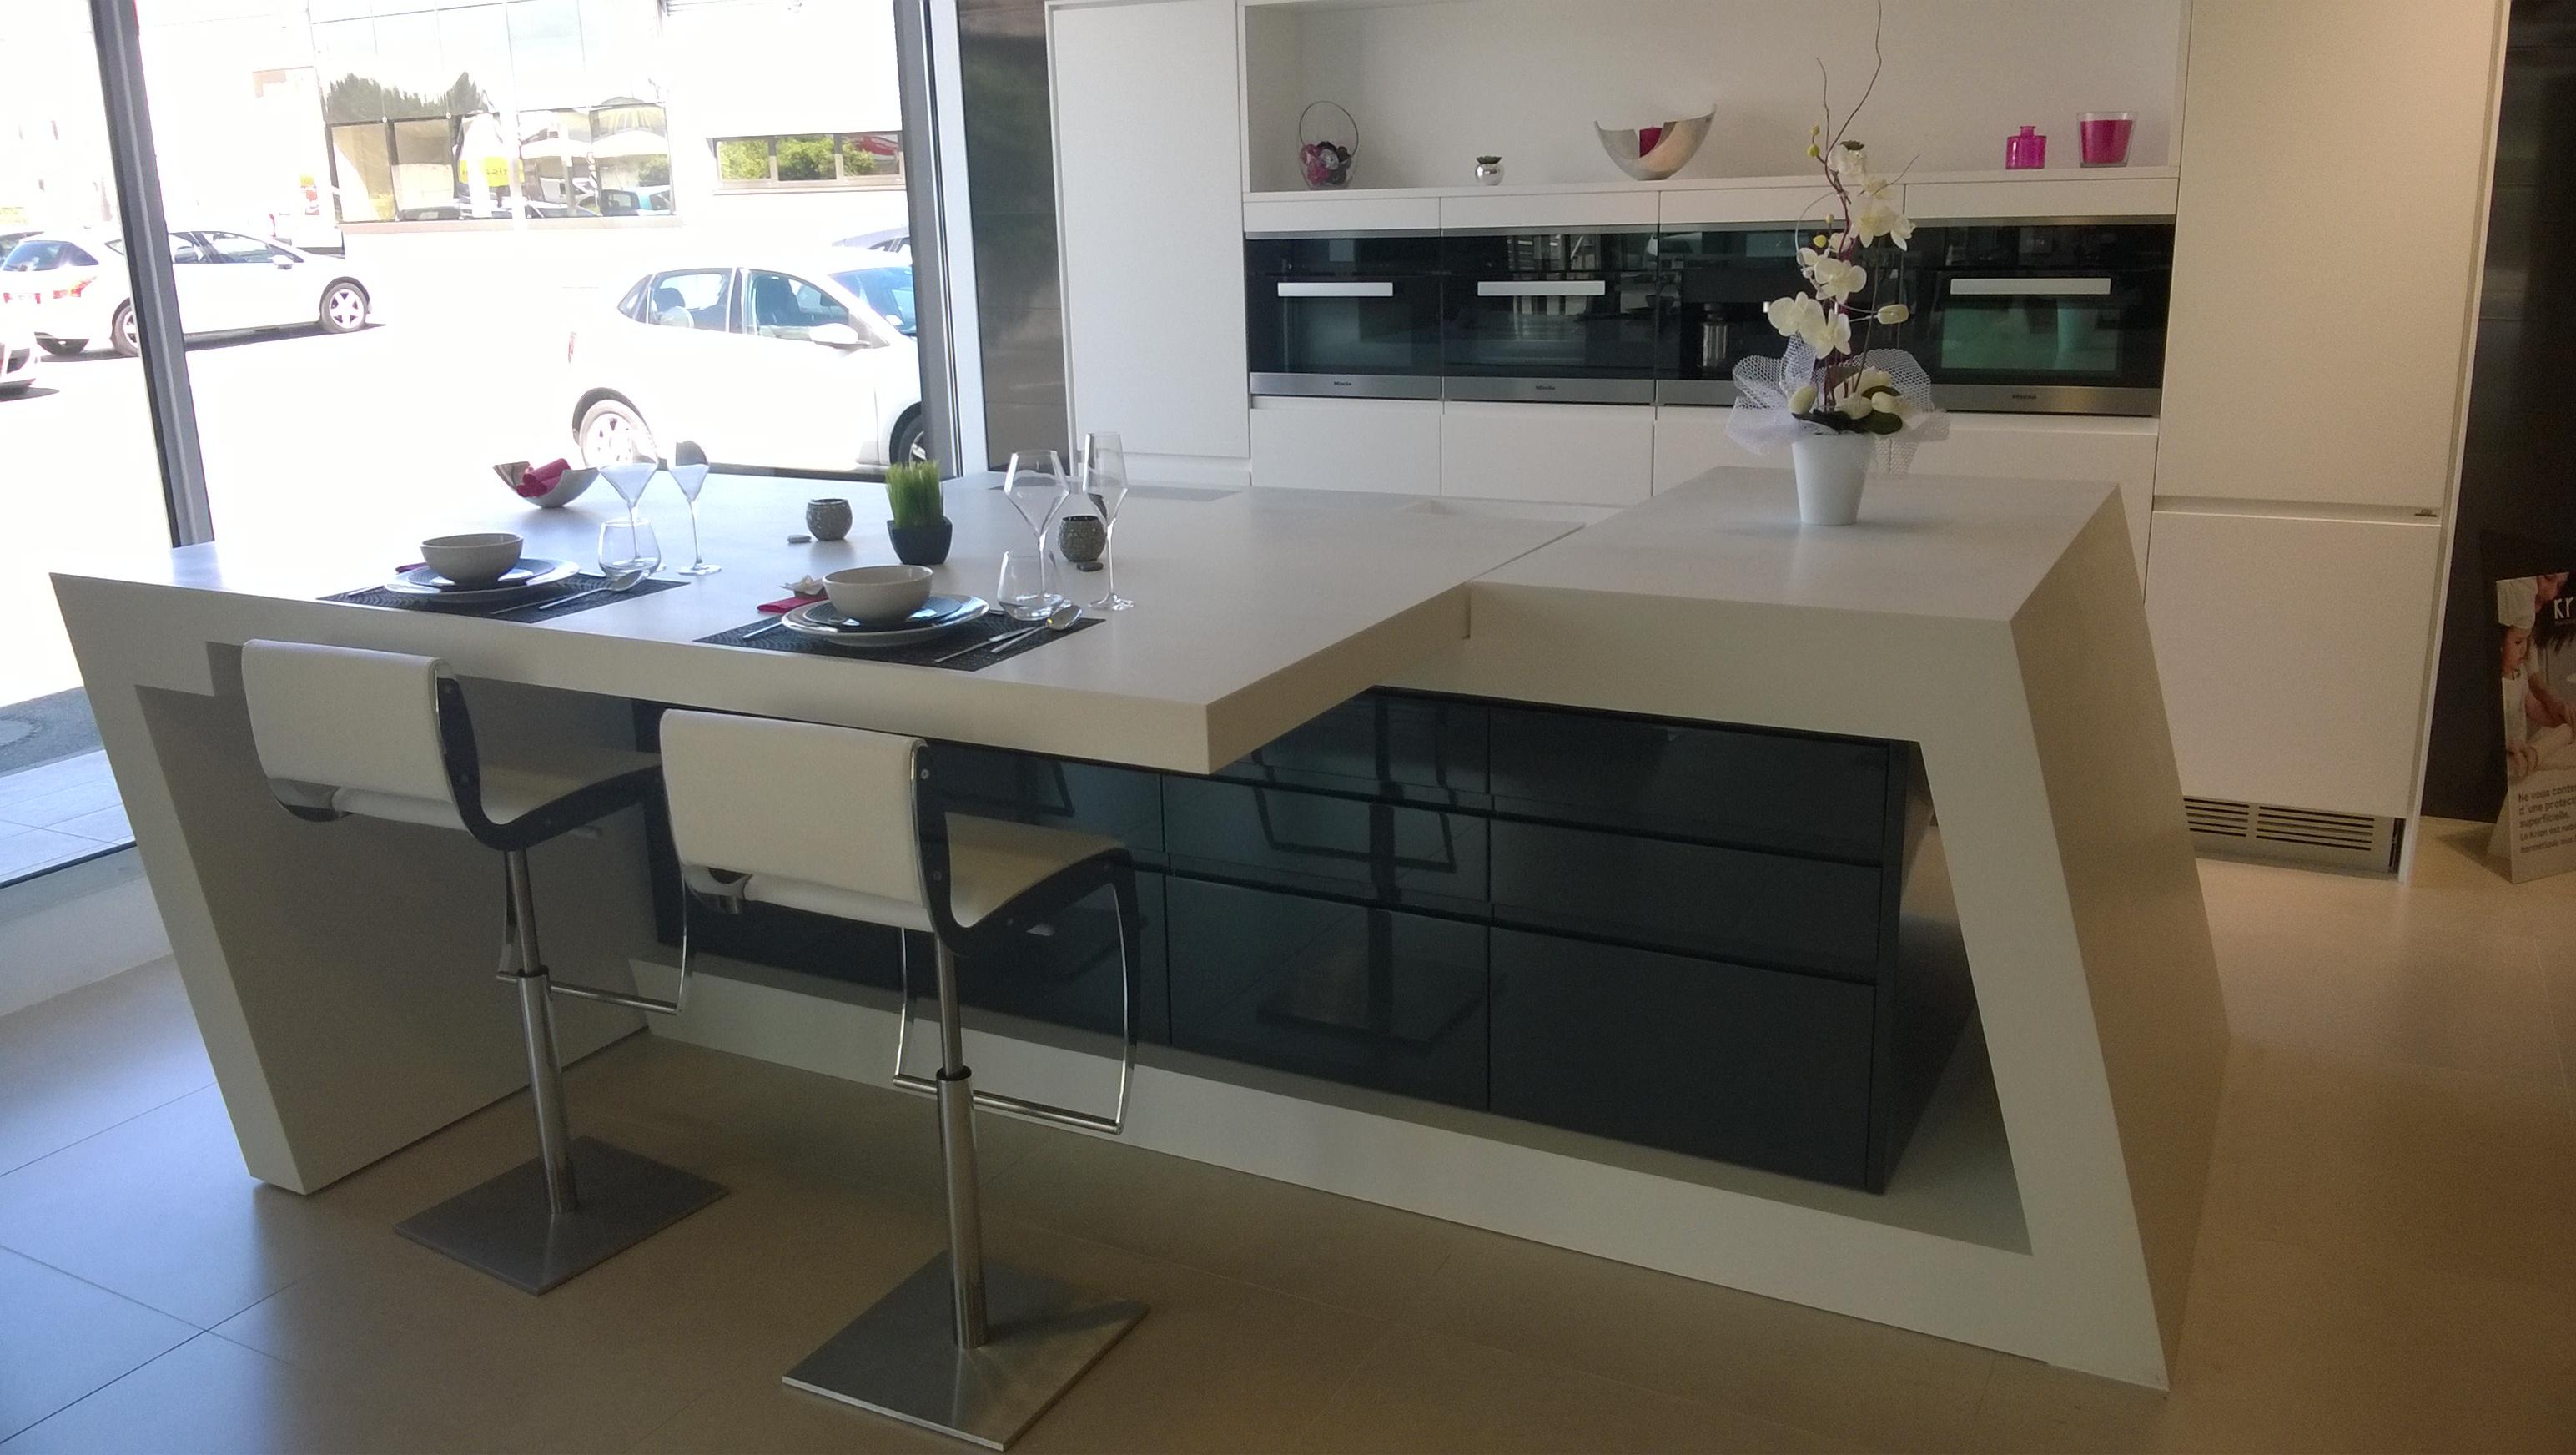 plan de travail bar cuisine pas cher maison et mobilier. Black Bedroom Furniture Sets. Home Design Ideas